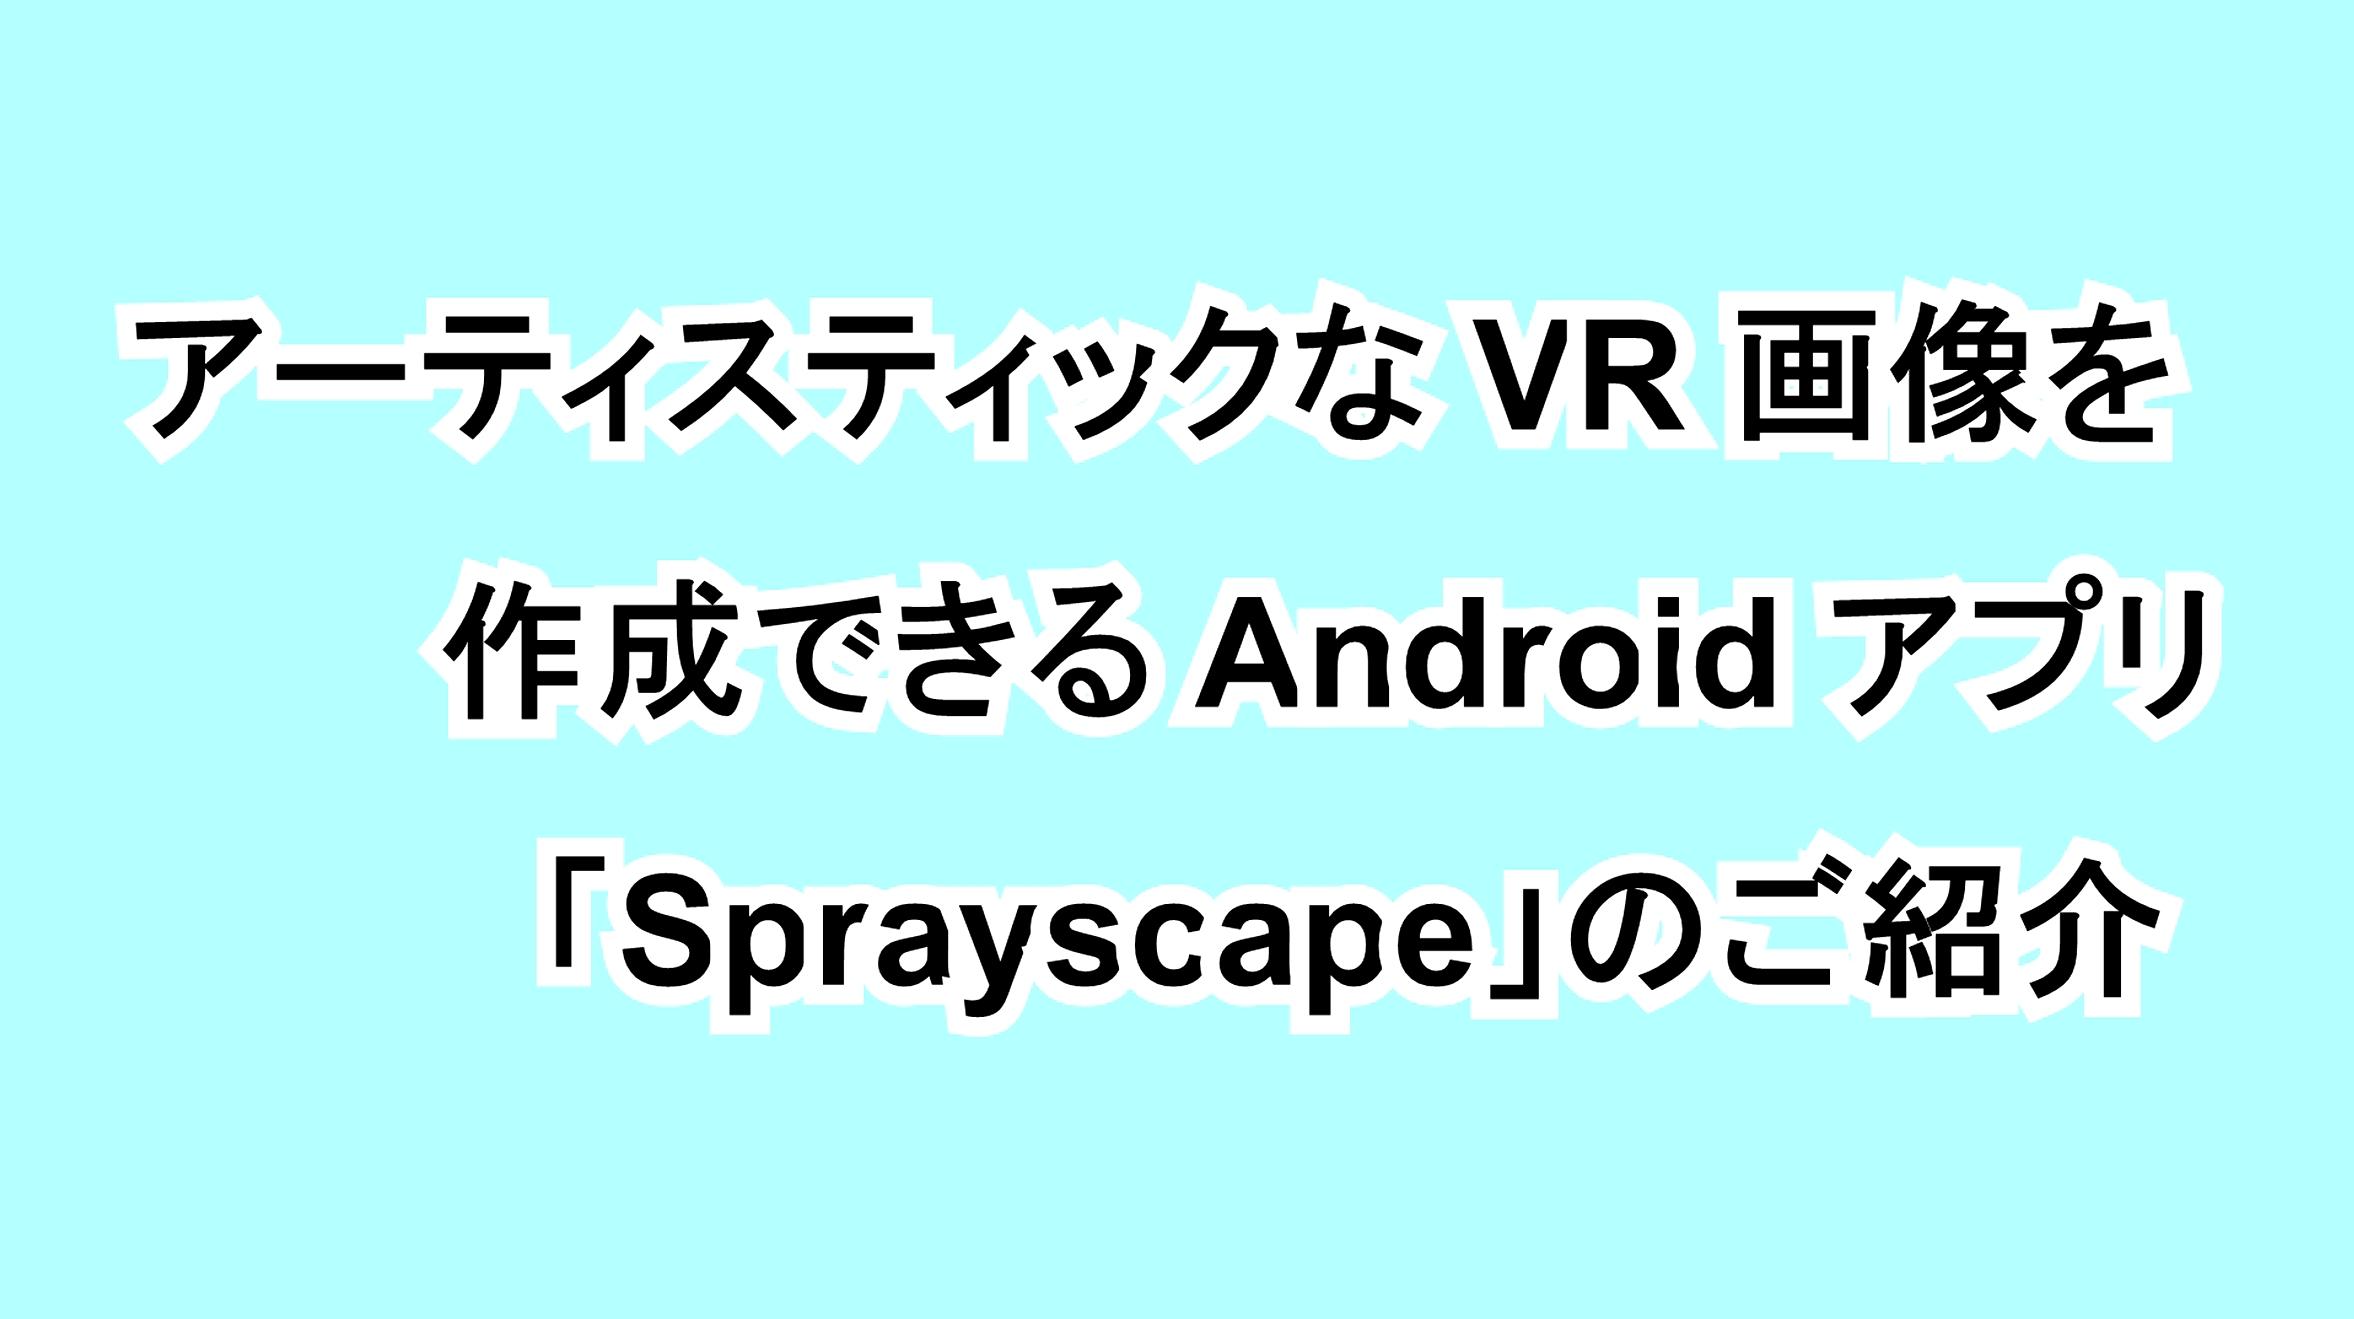 アーティスティックなVR画像を作成できるAndroidアプリ「Sprayscape」のご紹介